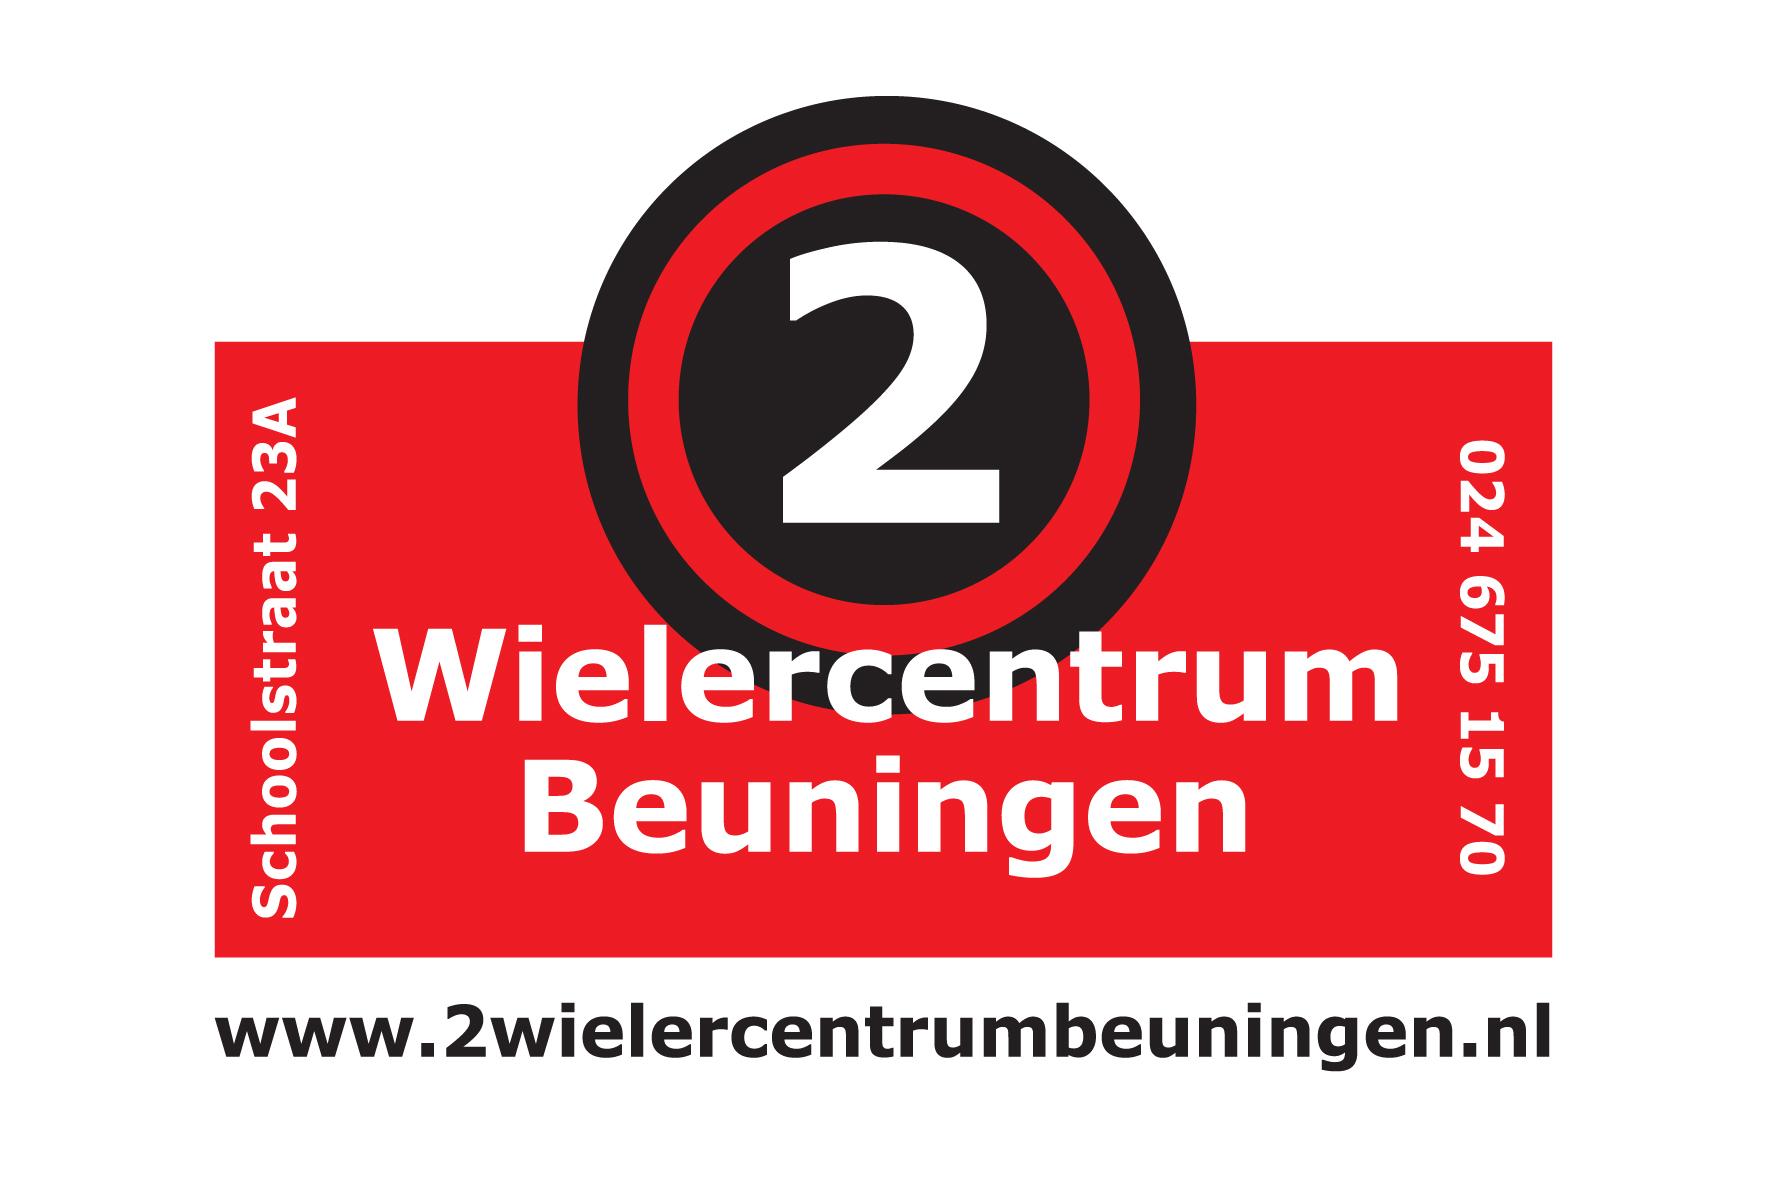 afb0dc0b11b 2Wielercentrum Beuningen | Fietsenwinkel Beuningen gld Gelderland |  BikeExchange.nl